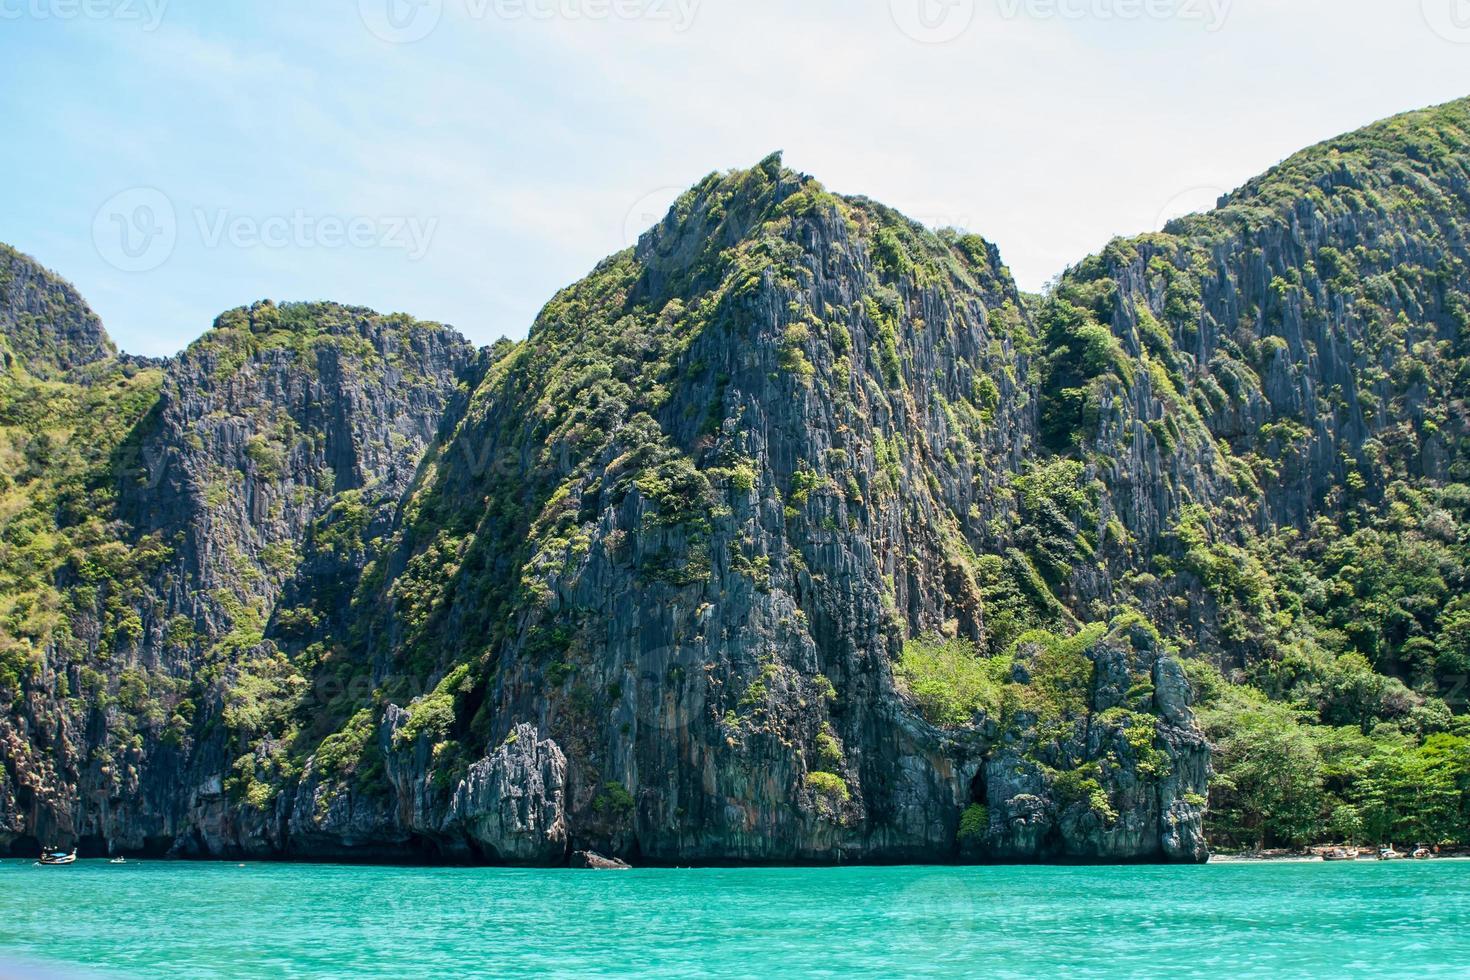 Klippen auf einer einsamen Insel foto